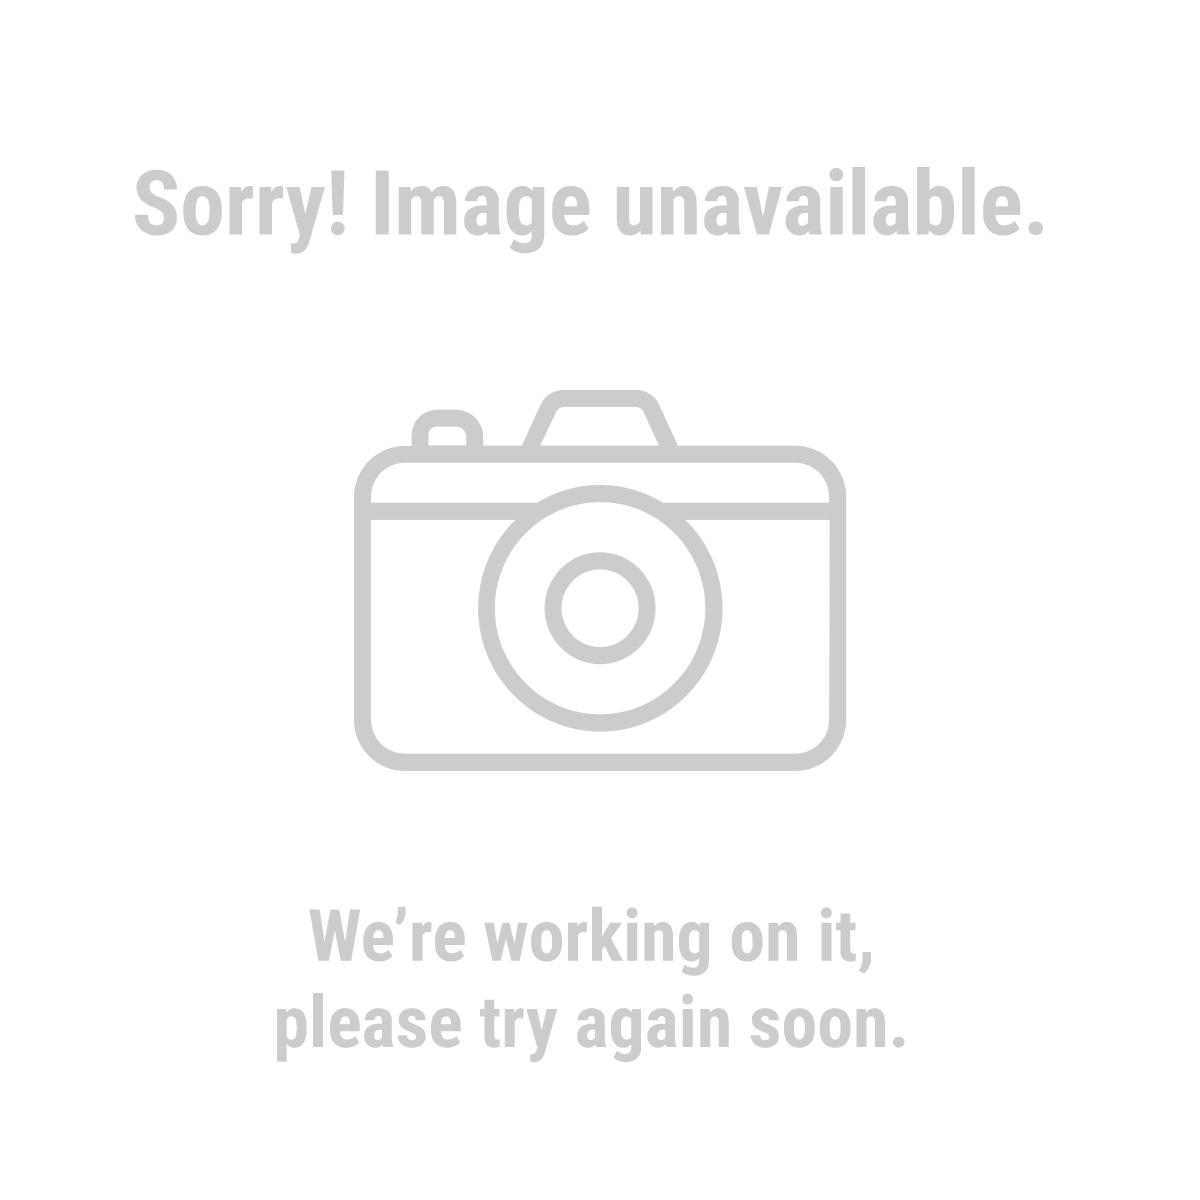 Gorilla 98557 8 oz. Gorilla Wood Glue